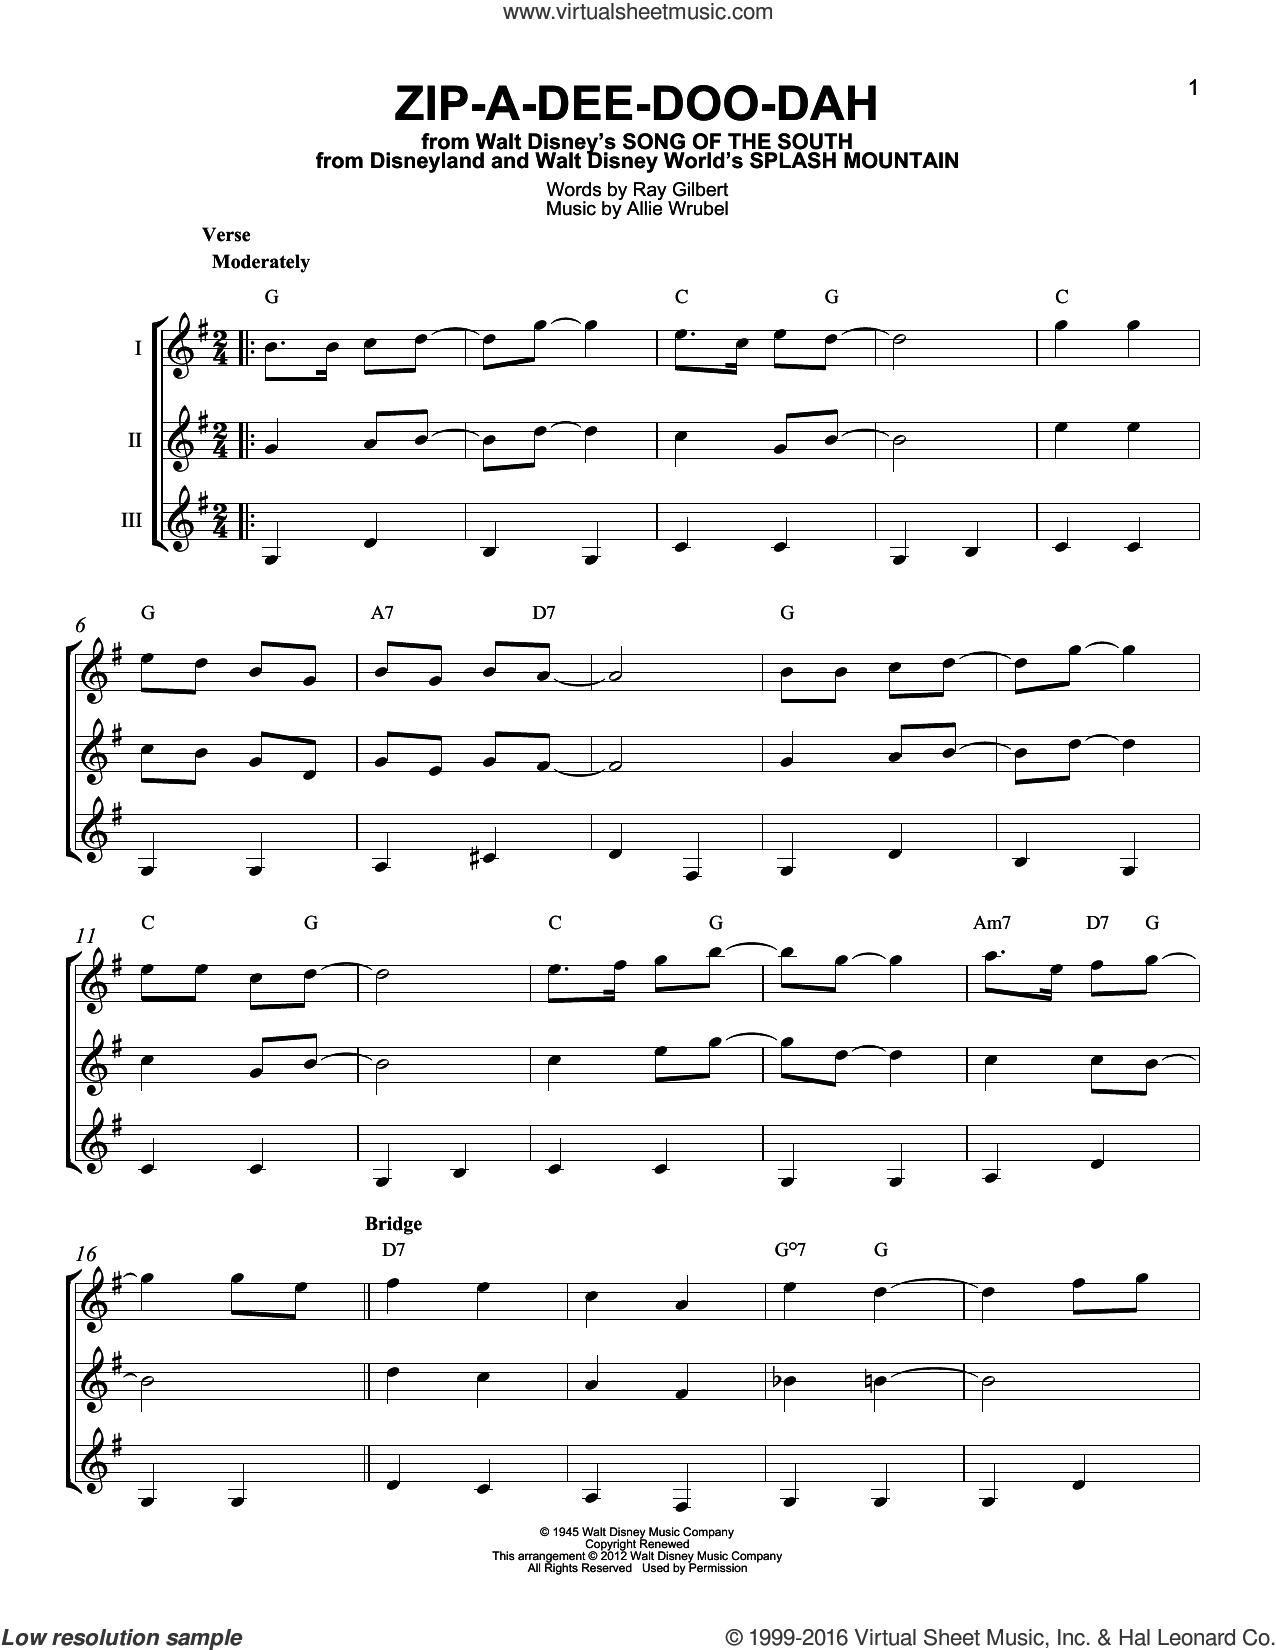 Gilbert - Zip-A-Dee-Doo-Dah sheet music for guitar ensemble [PDF]